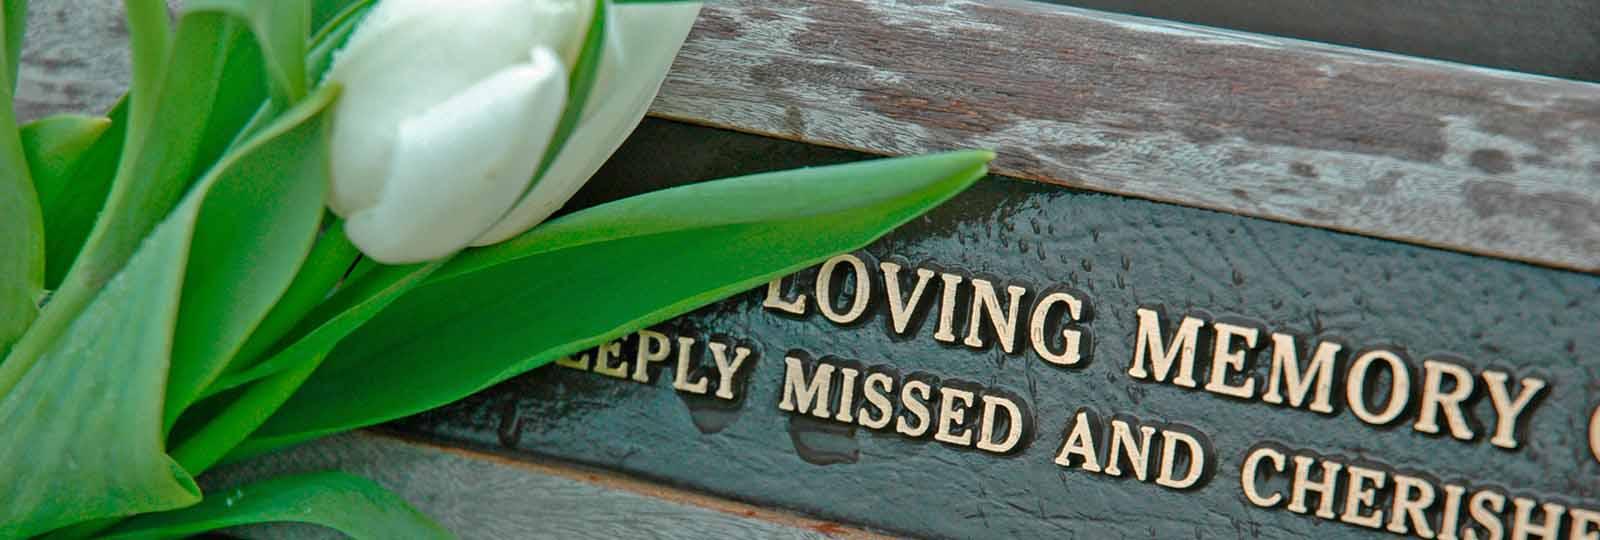 In loving memory memorials